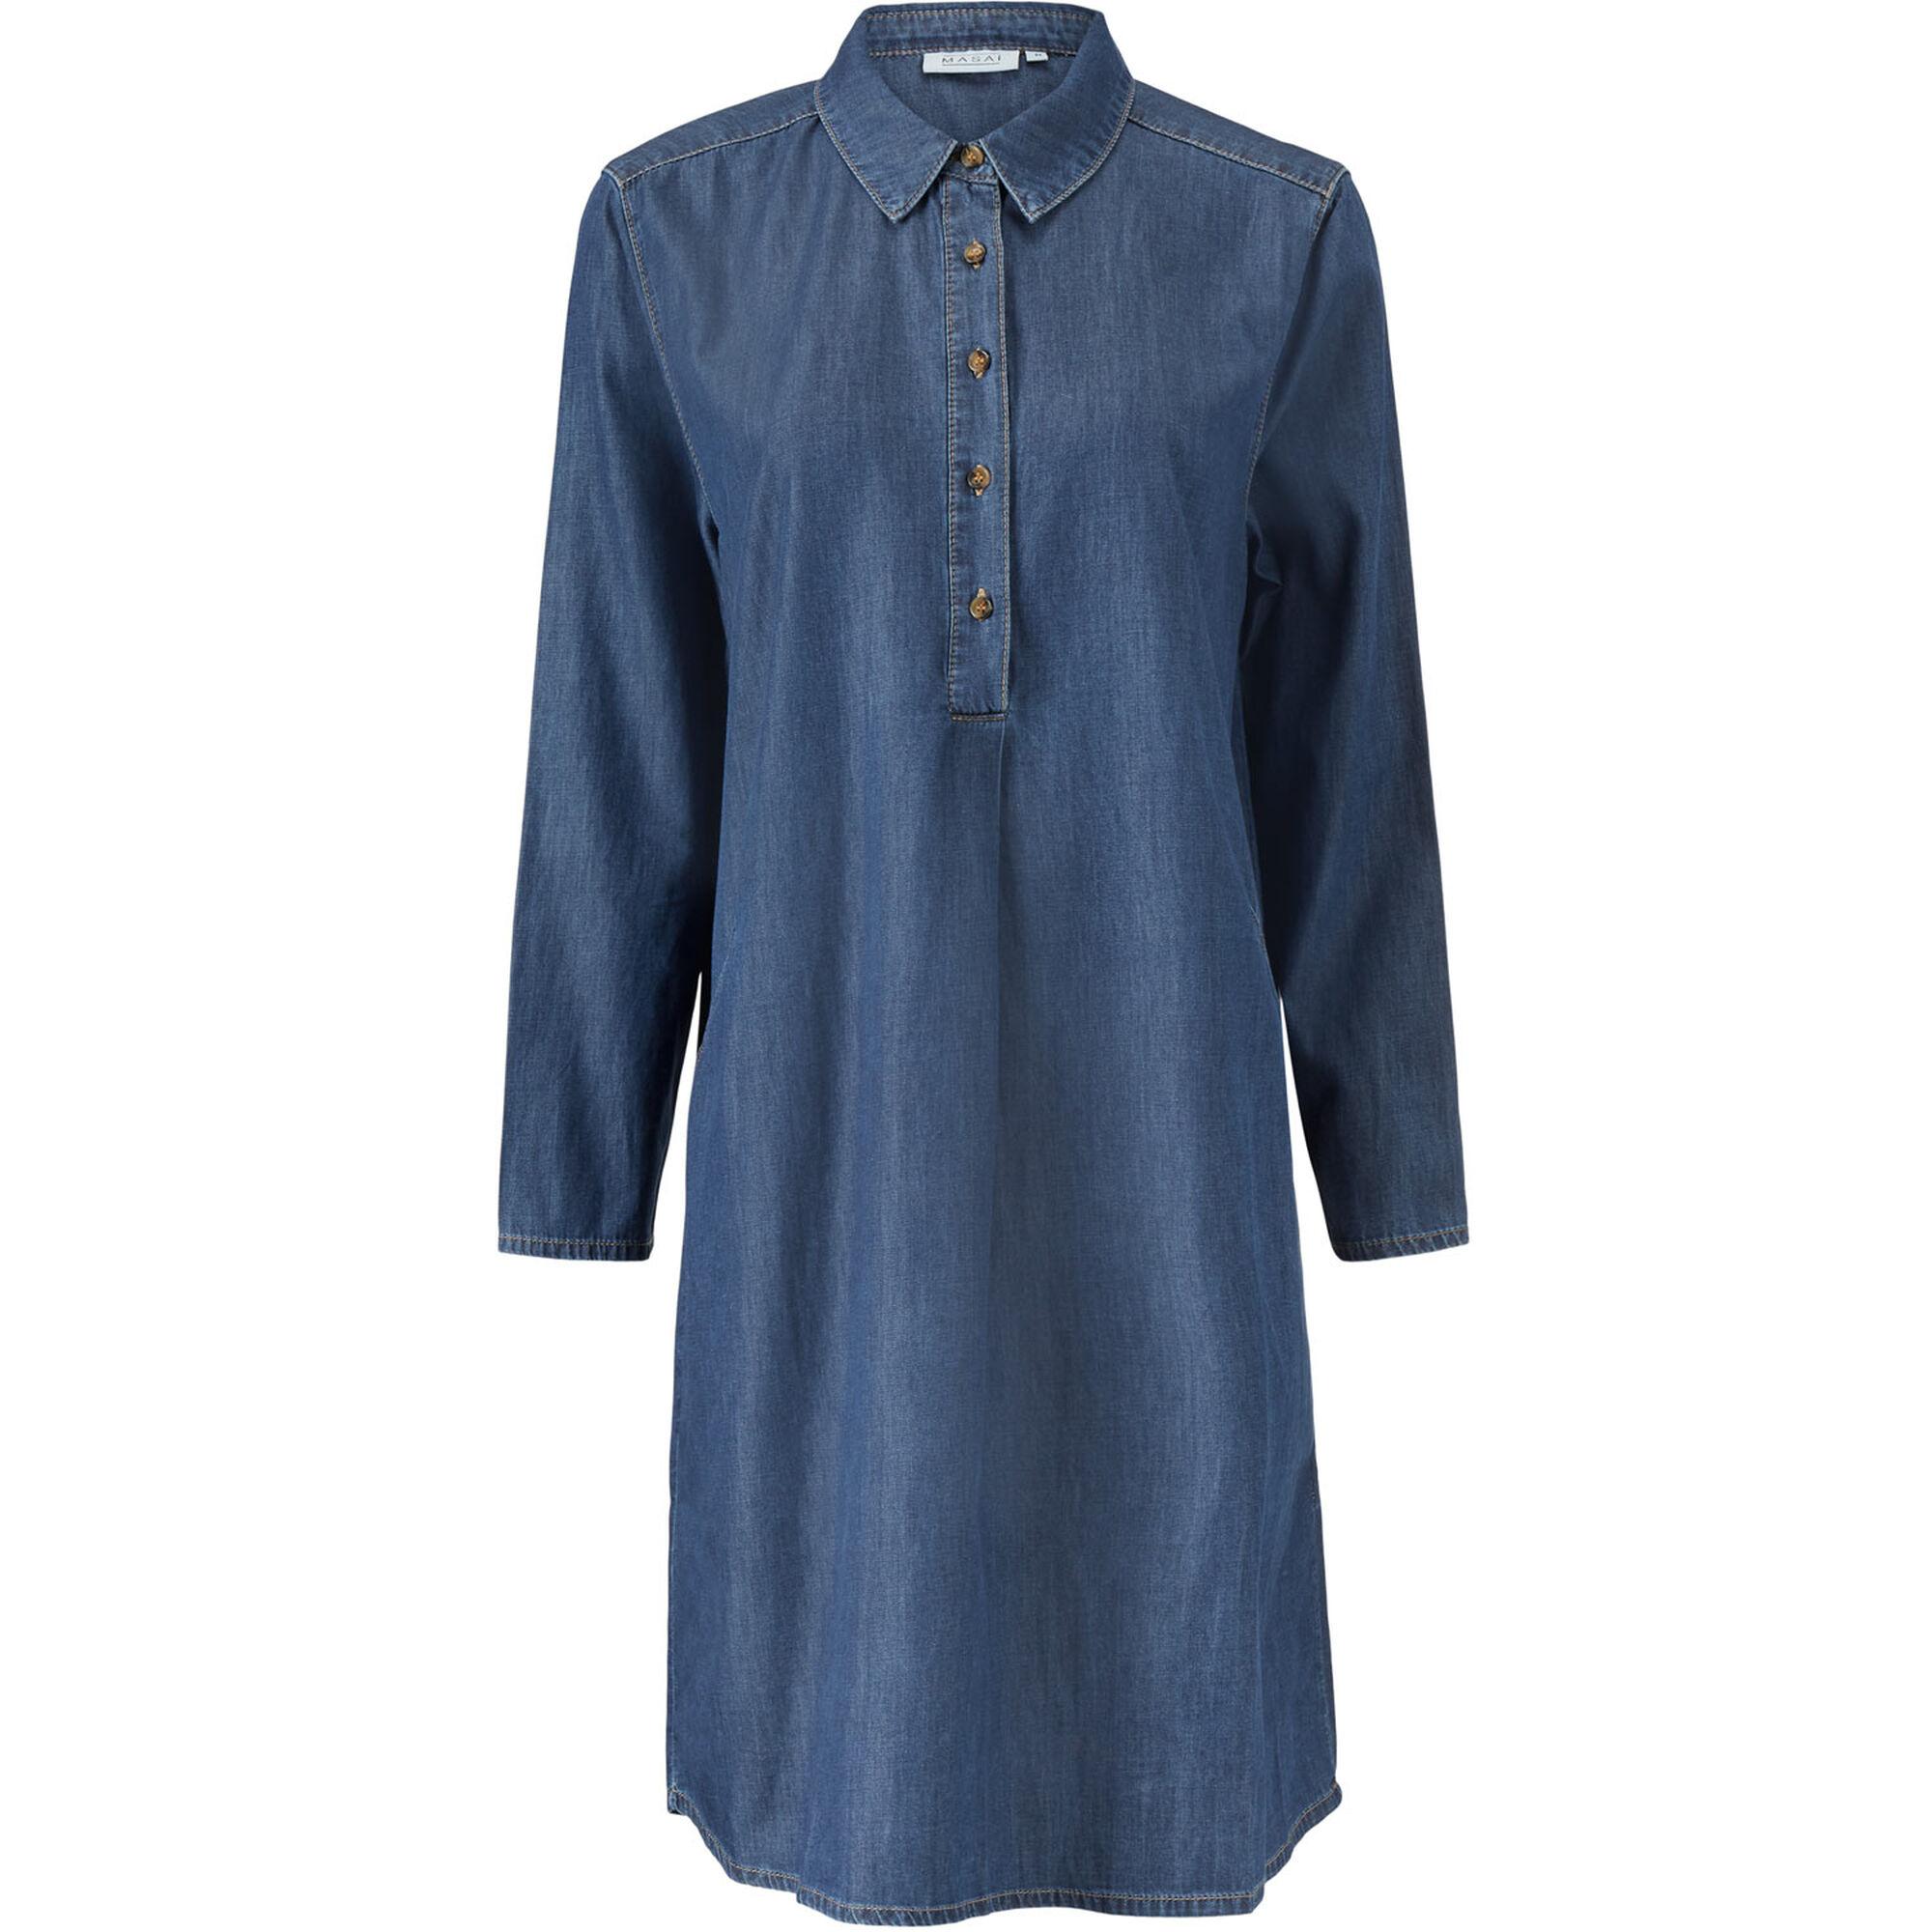 NALFA SHIRT DRESS, D Basic Denim, hi-res